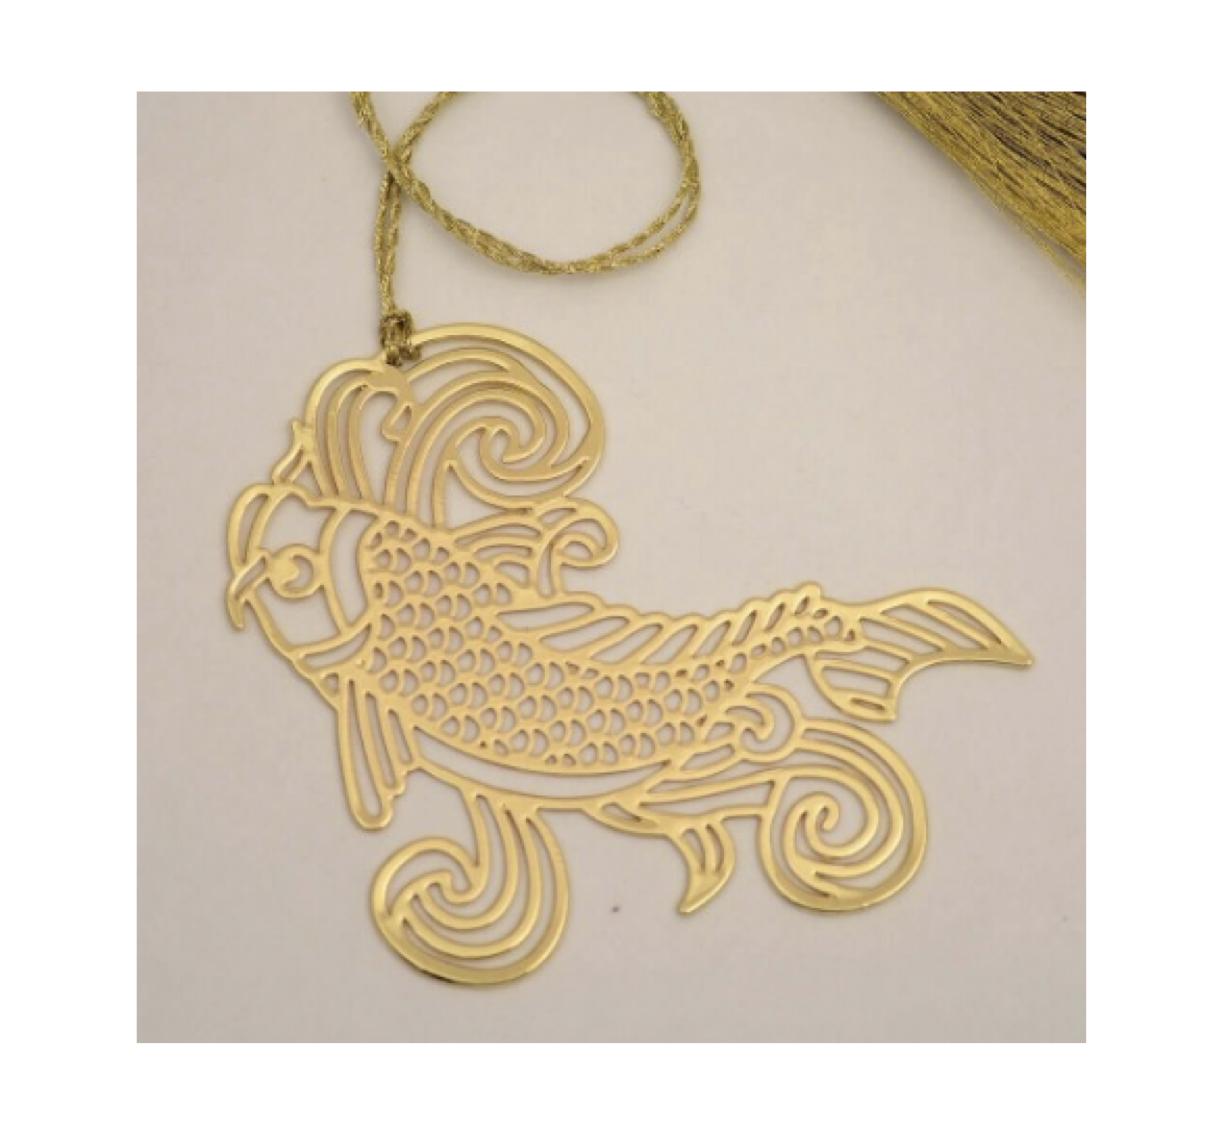 Anand Prakash Fish Metall Lesezeichen Ladybutler Design